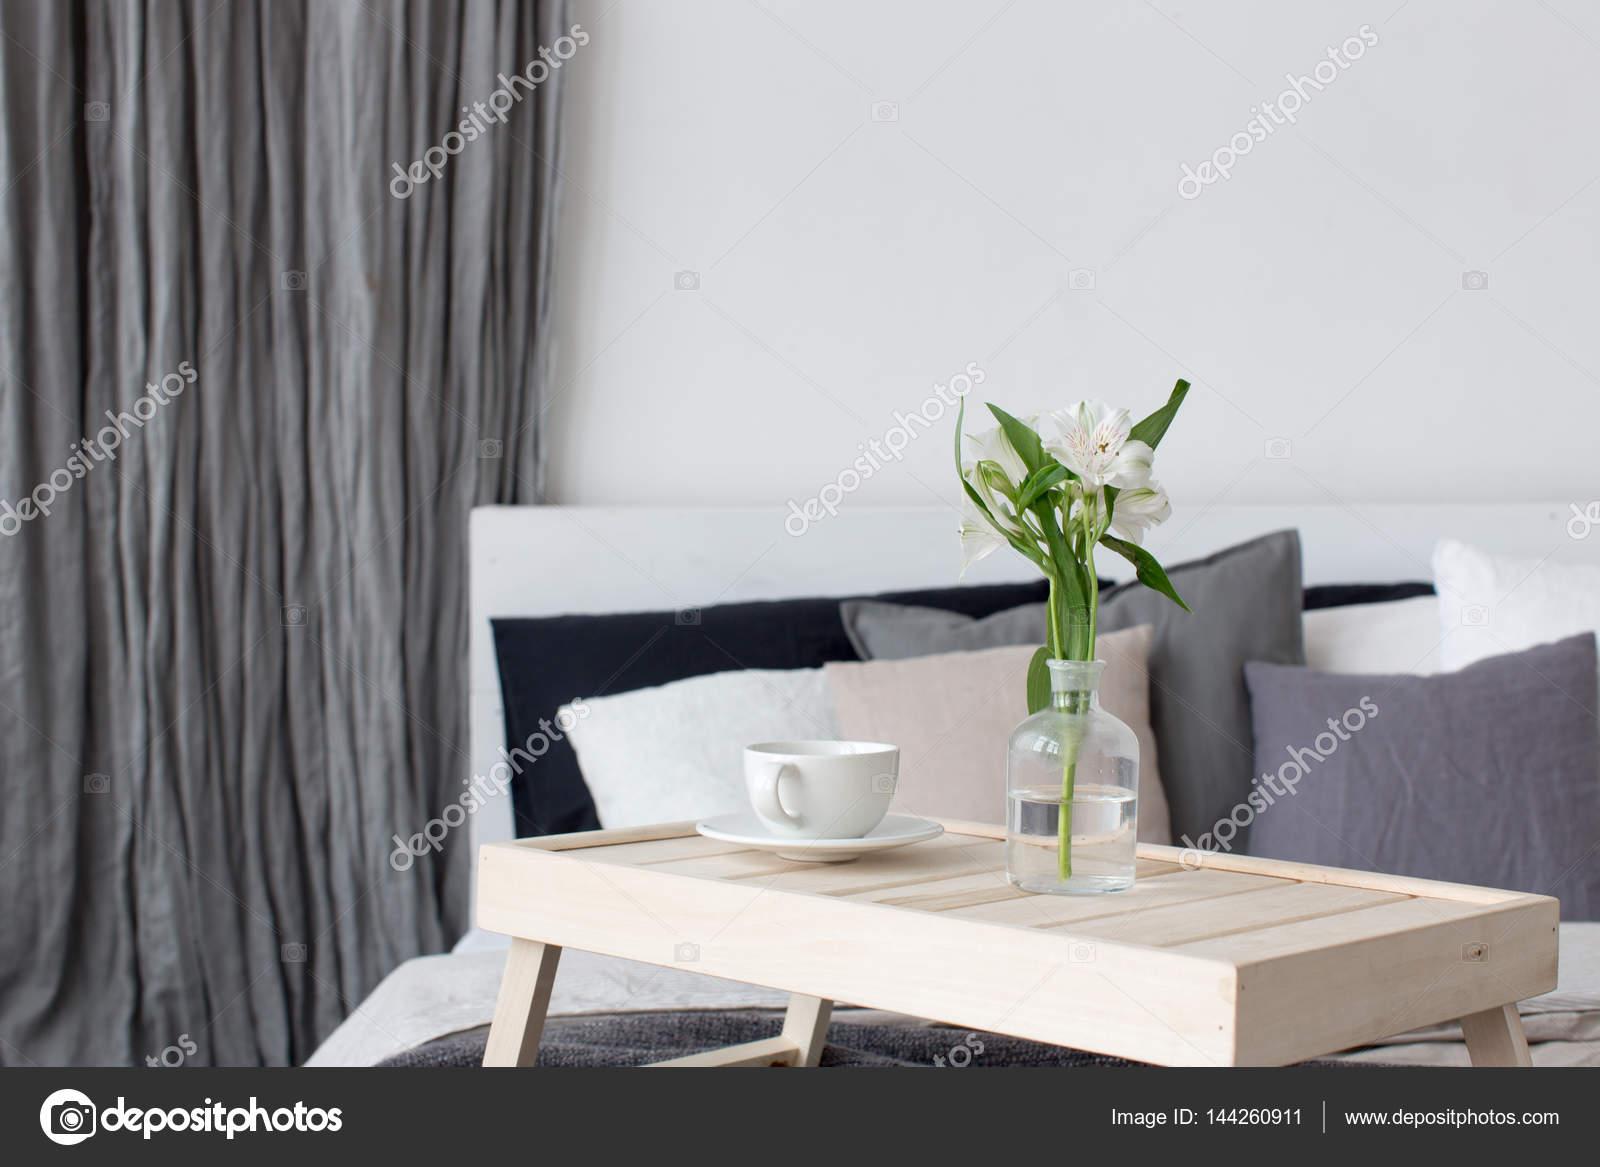 Tavoli Per Colazione A Letto : Tazza sul tavolo per la colazione a letto u foto stock